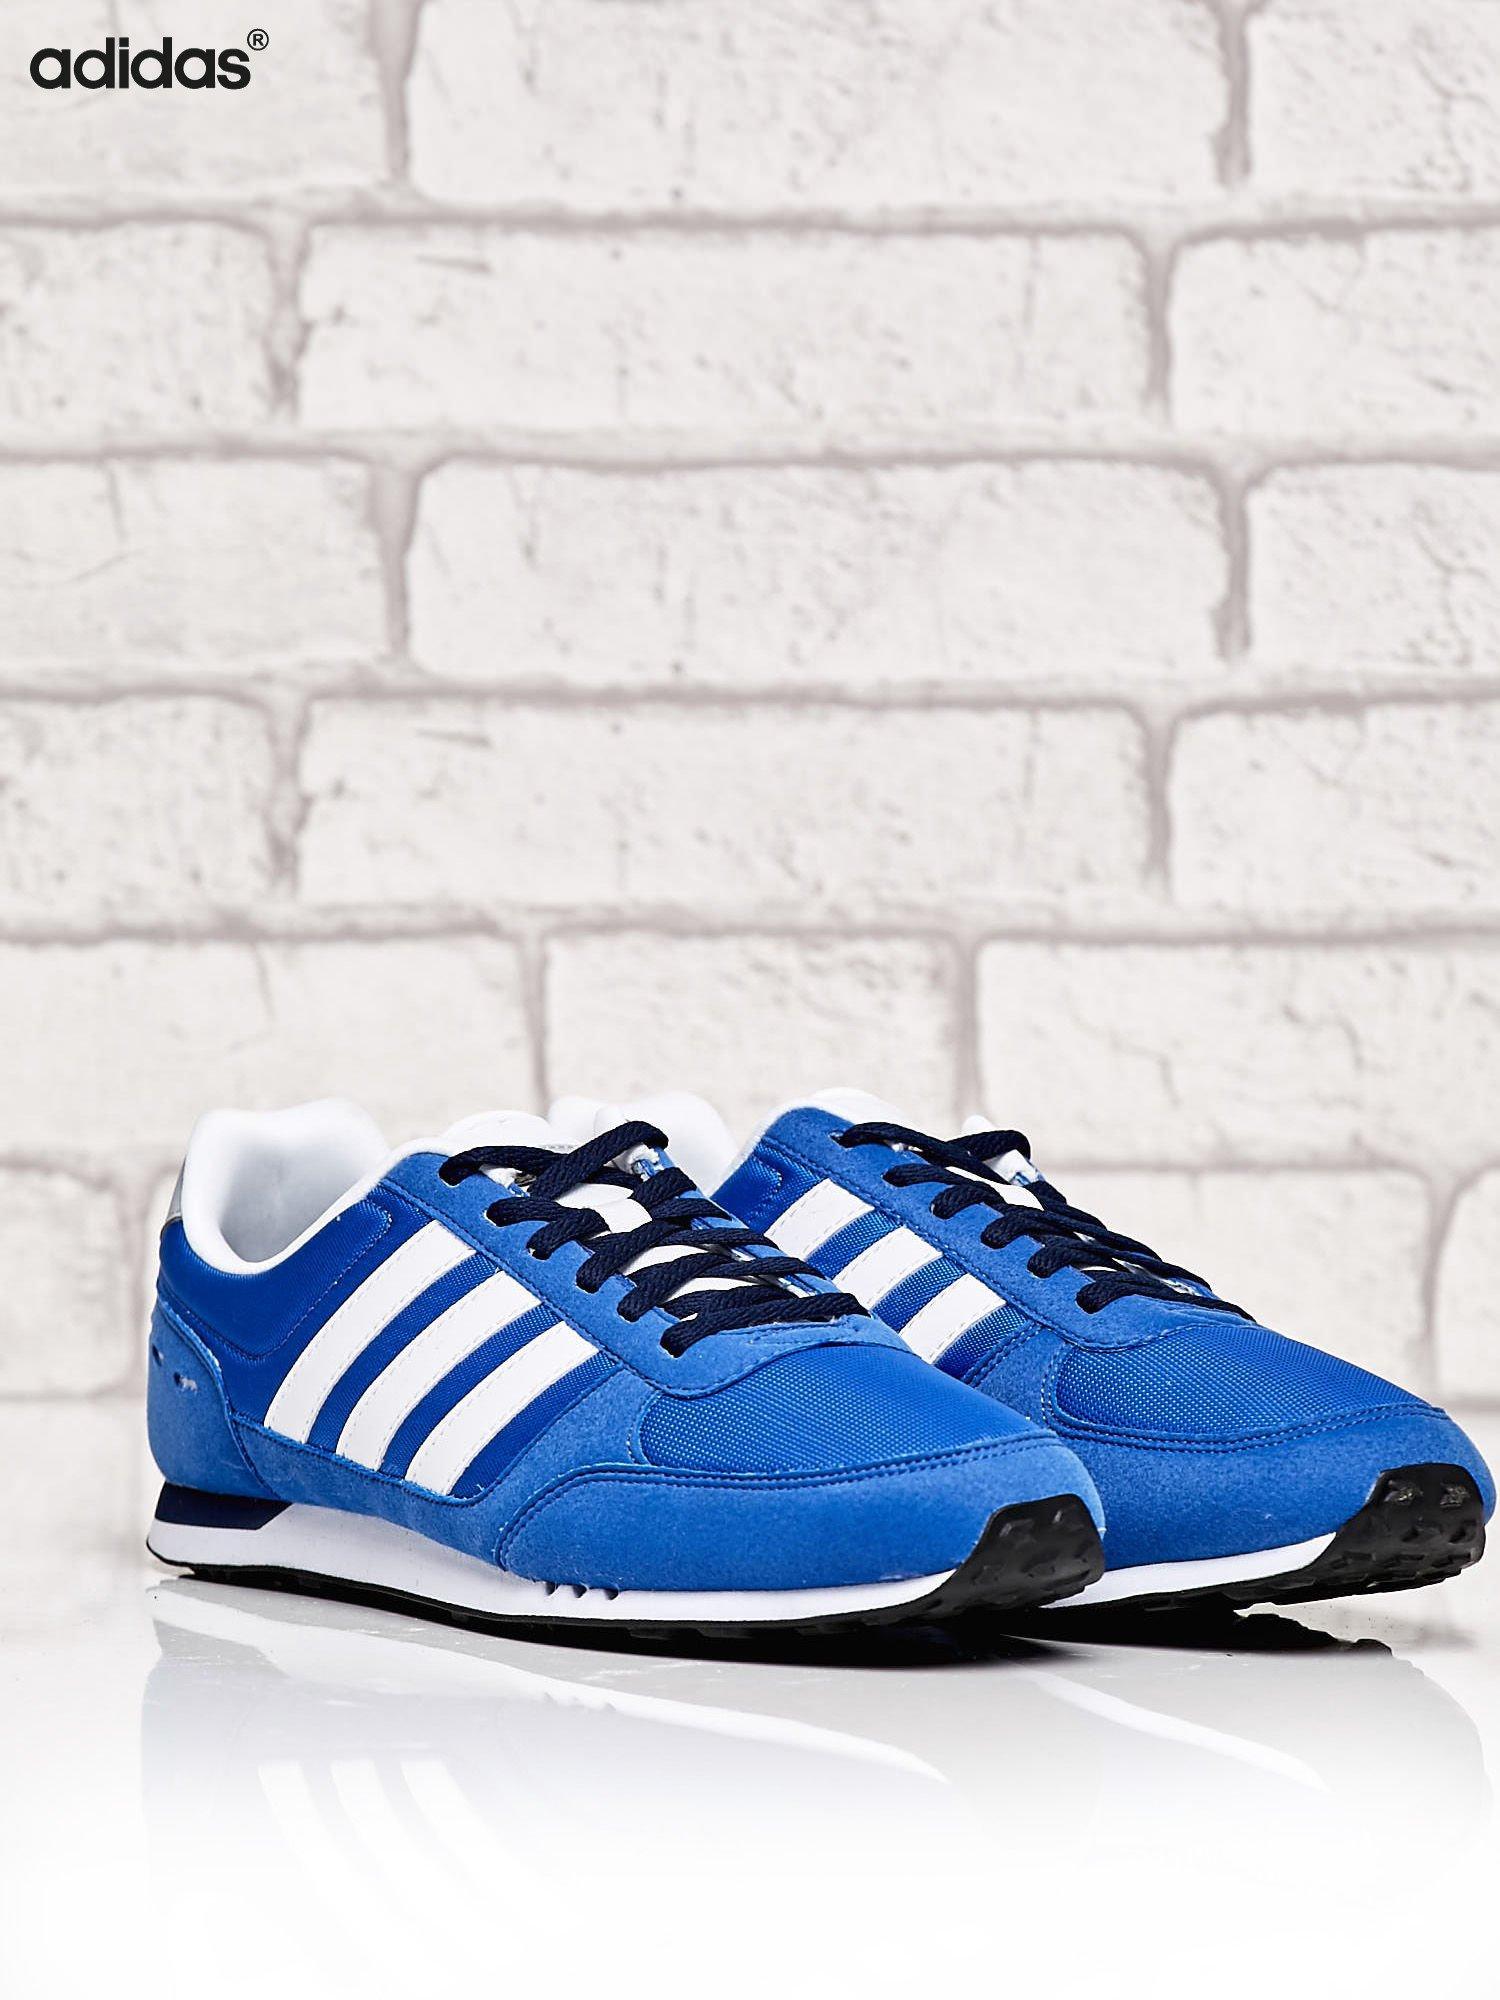 dd0cfca3f339f 1  ADIDAS niebieskie buty męskie Neo City Racer sportowe miejskie ...